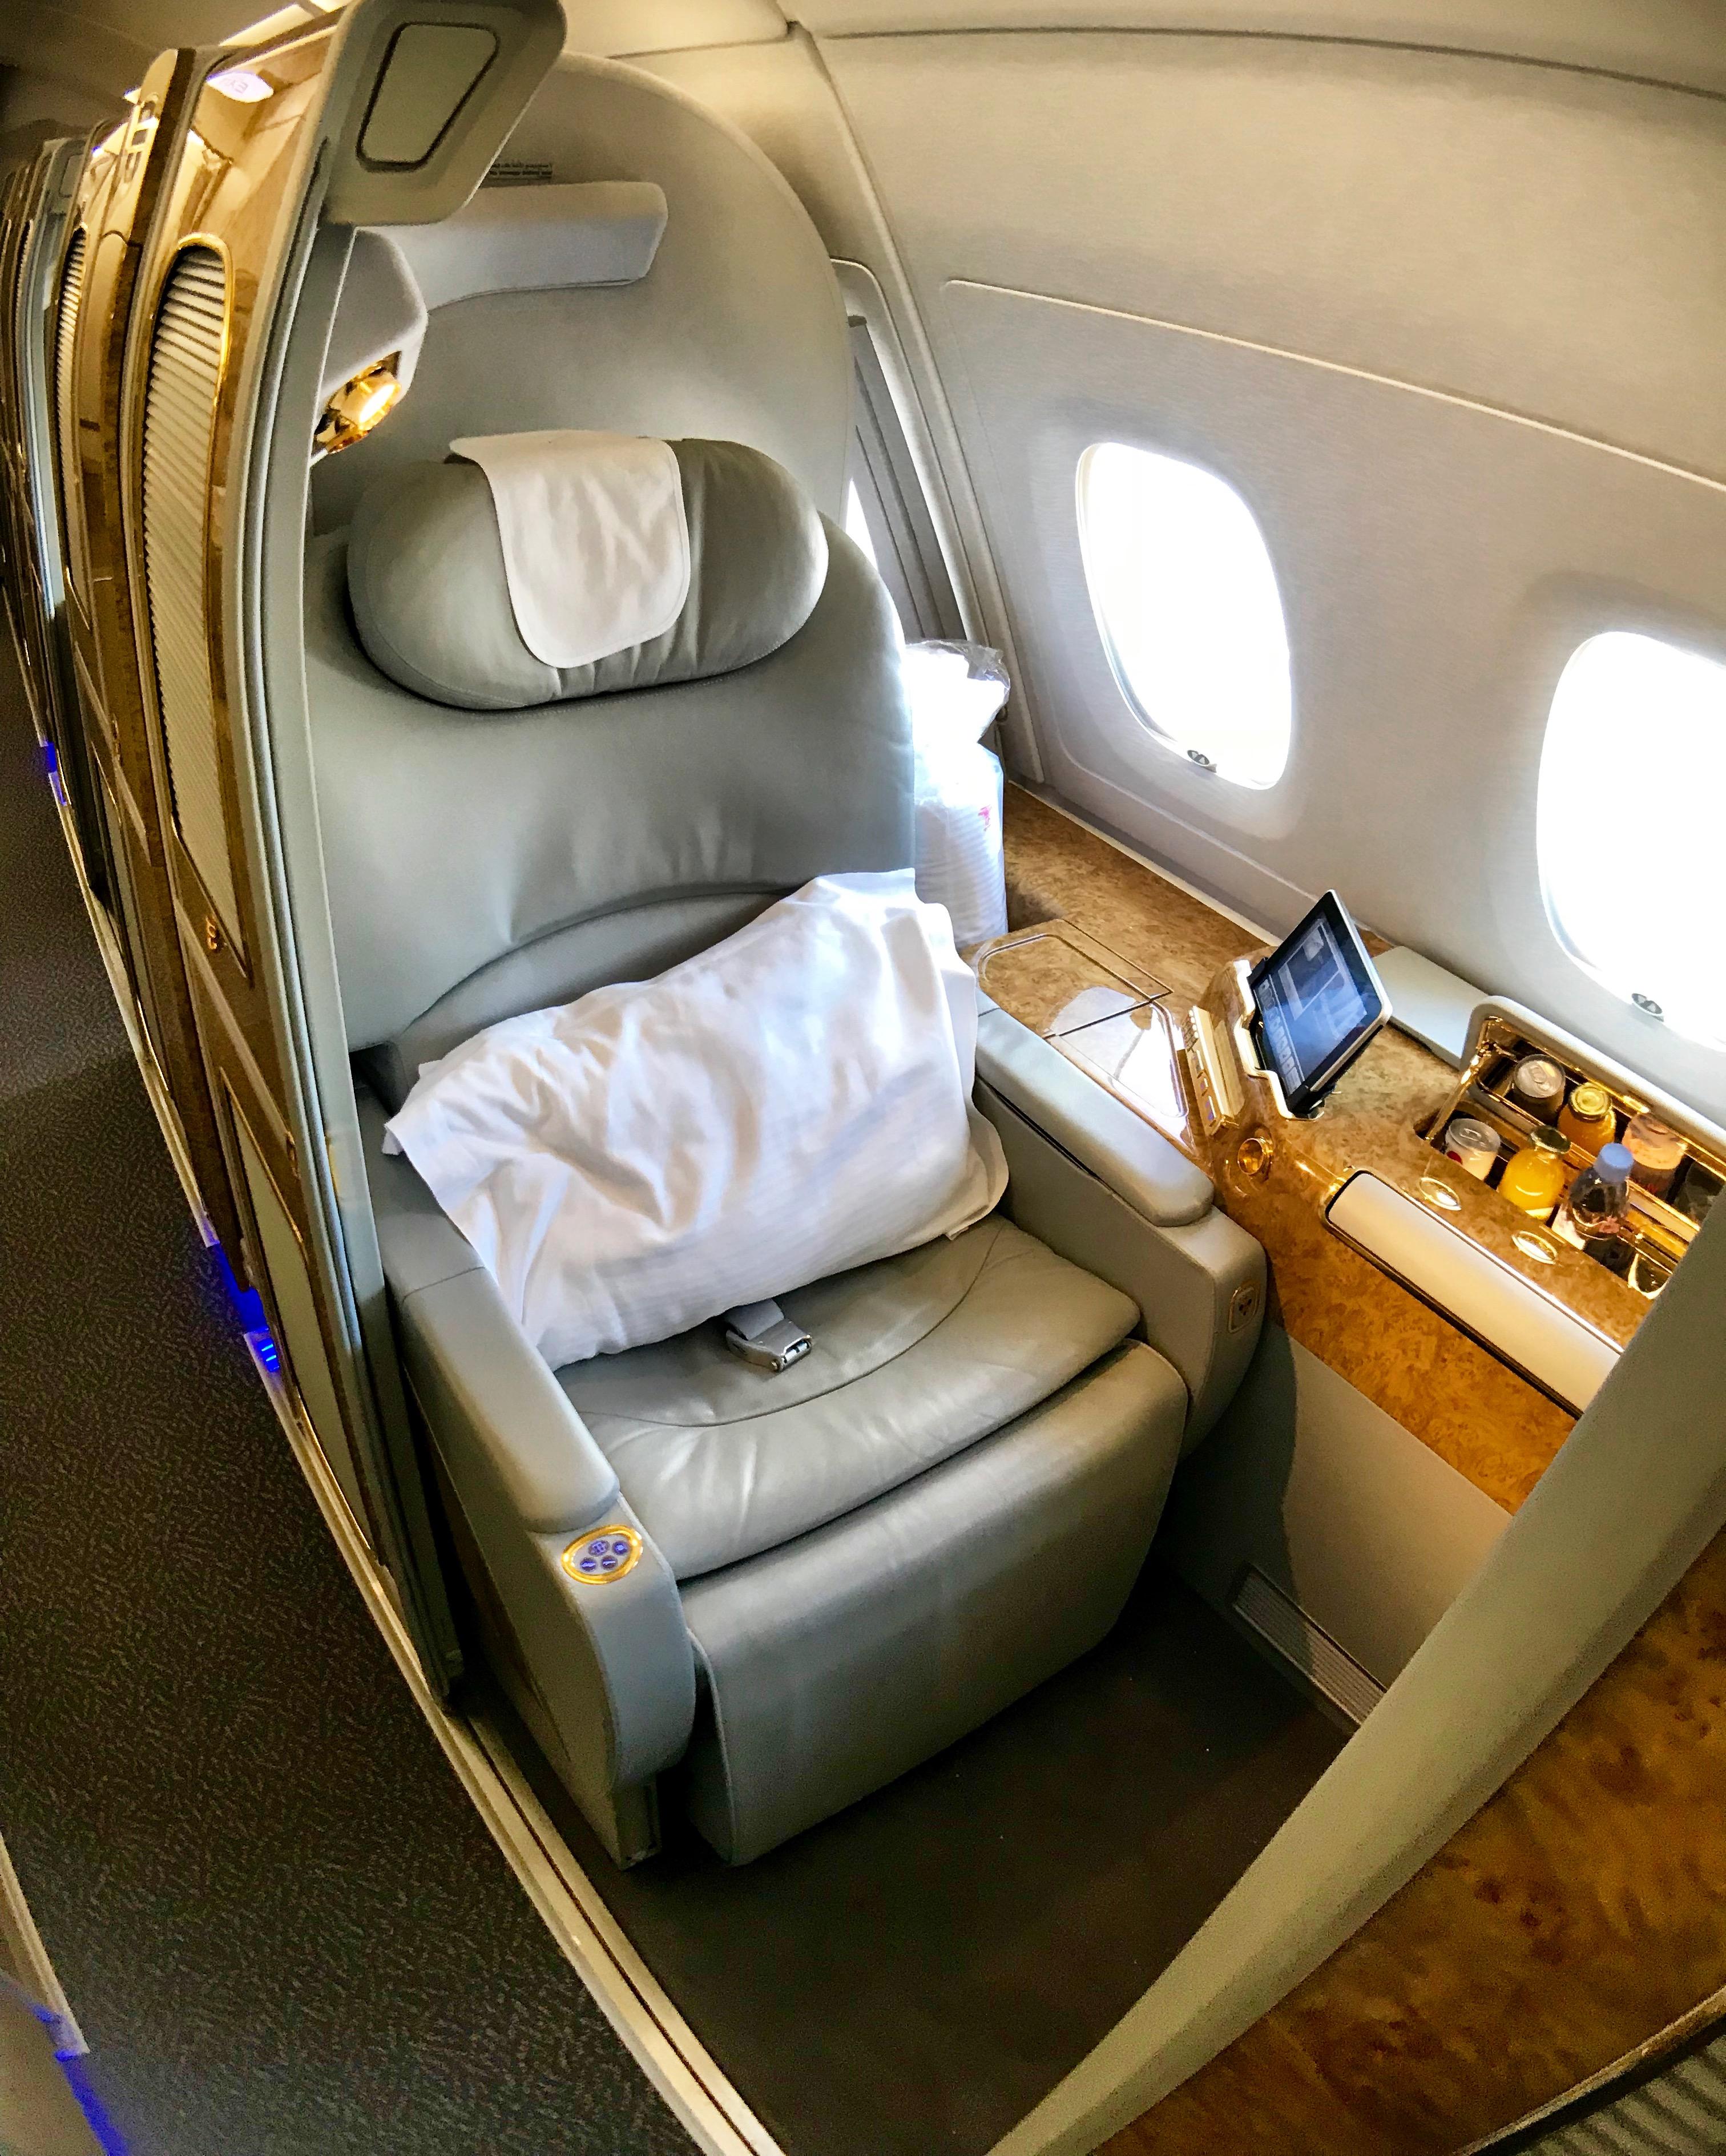 アラスカ航空(AS)のマイレージを利用してエミレーツ航空(EK)のファーストクラスに搭乗したい